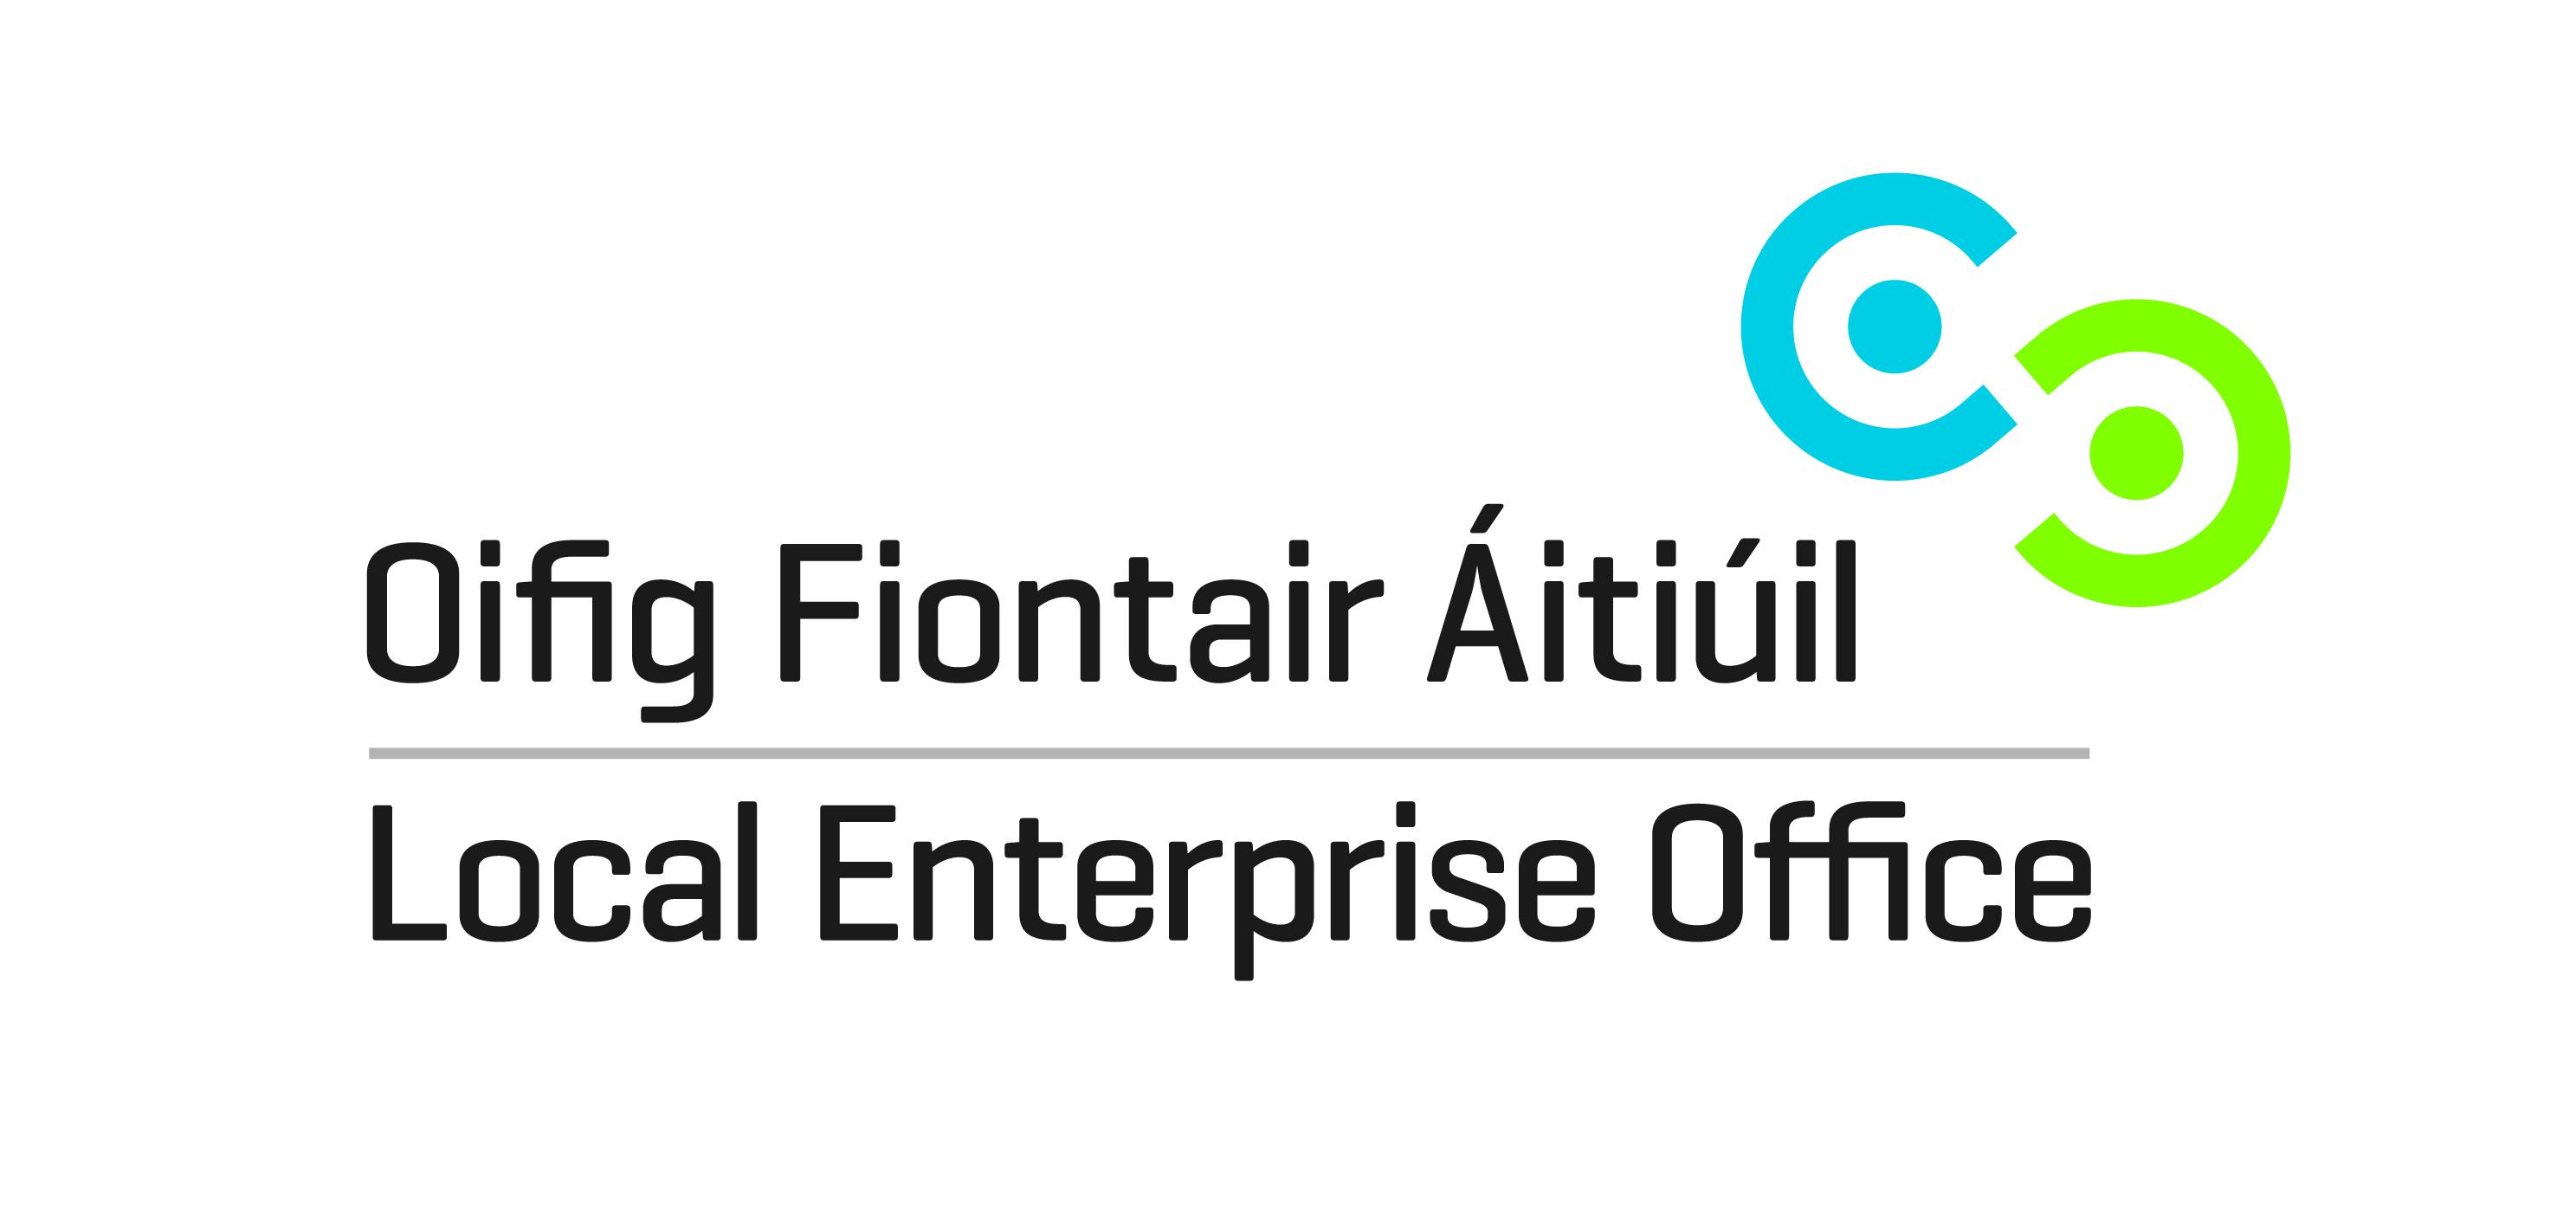 Oifig Fiontair Áitiúil  Local Enterpriser Office